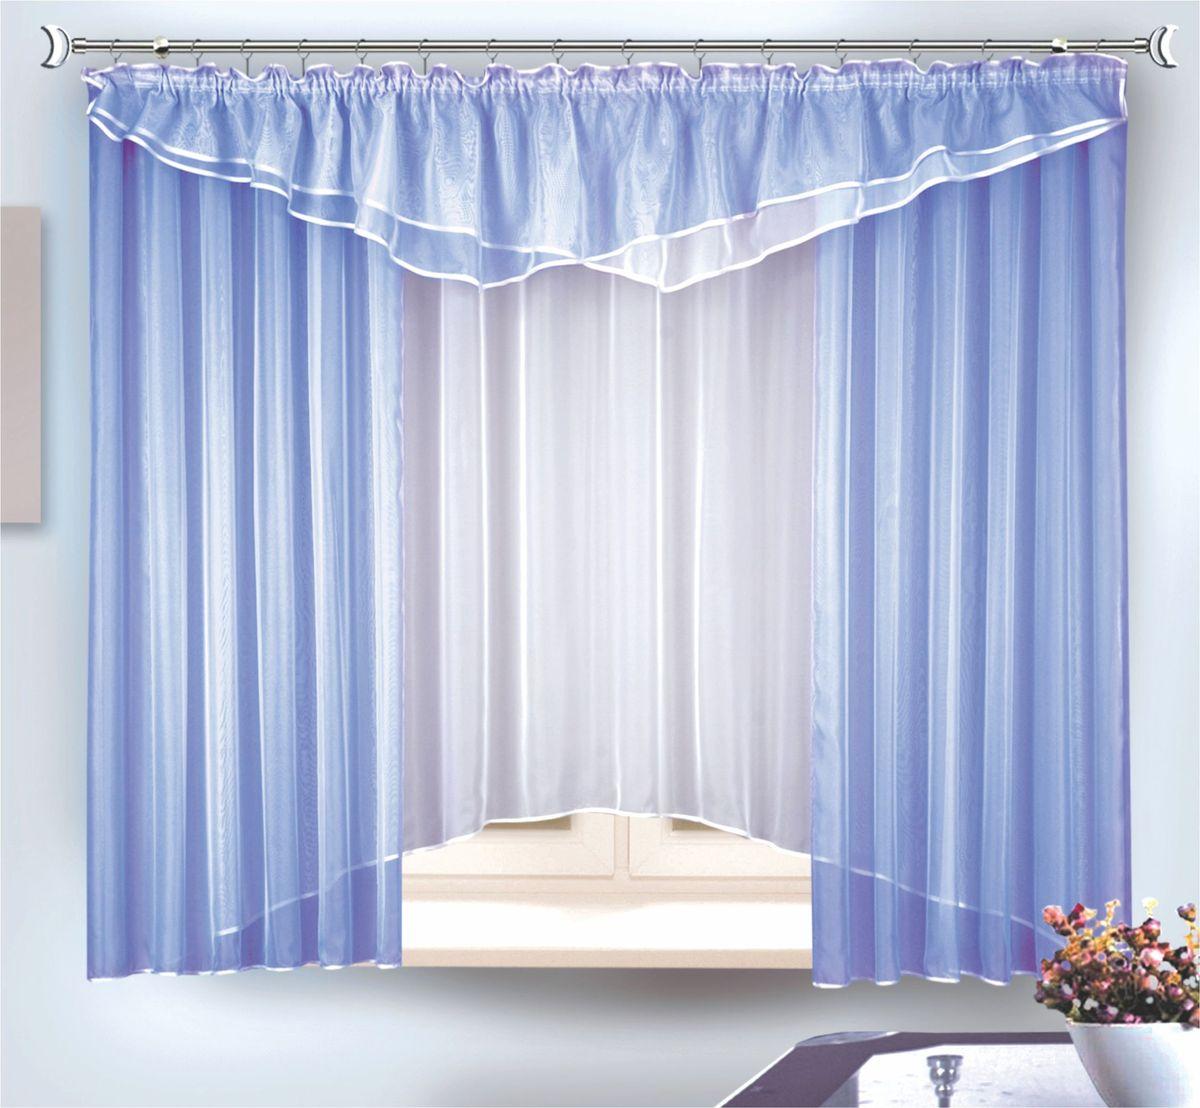 Комплект штор для кухни Zlata Korunka, на ленте, цвет: голубой, высота 180 см. 3333833338Комплект штор на шторной ленте Размер: тюль ширина 290 x высота 180, шторы - ширина 290 x высота 170 + ламбрекен - ширина 290 x высота 50